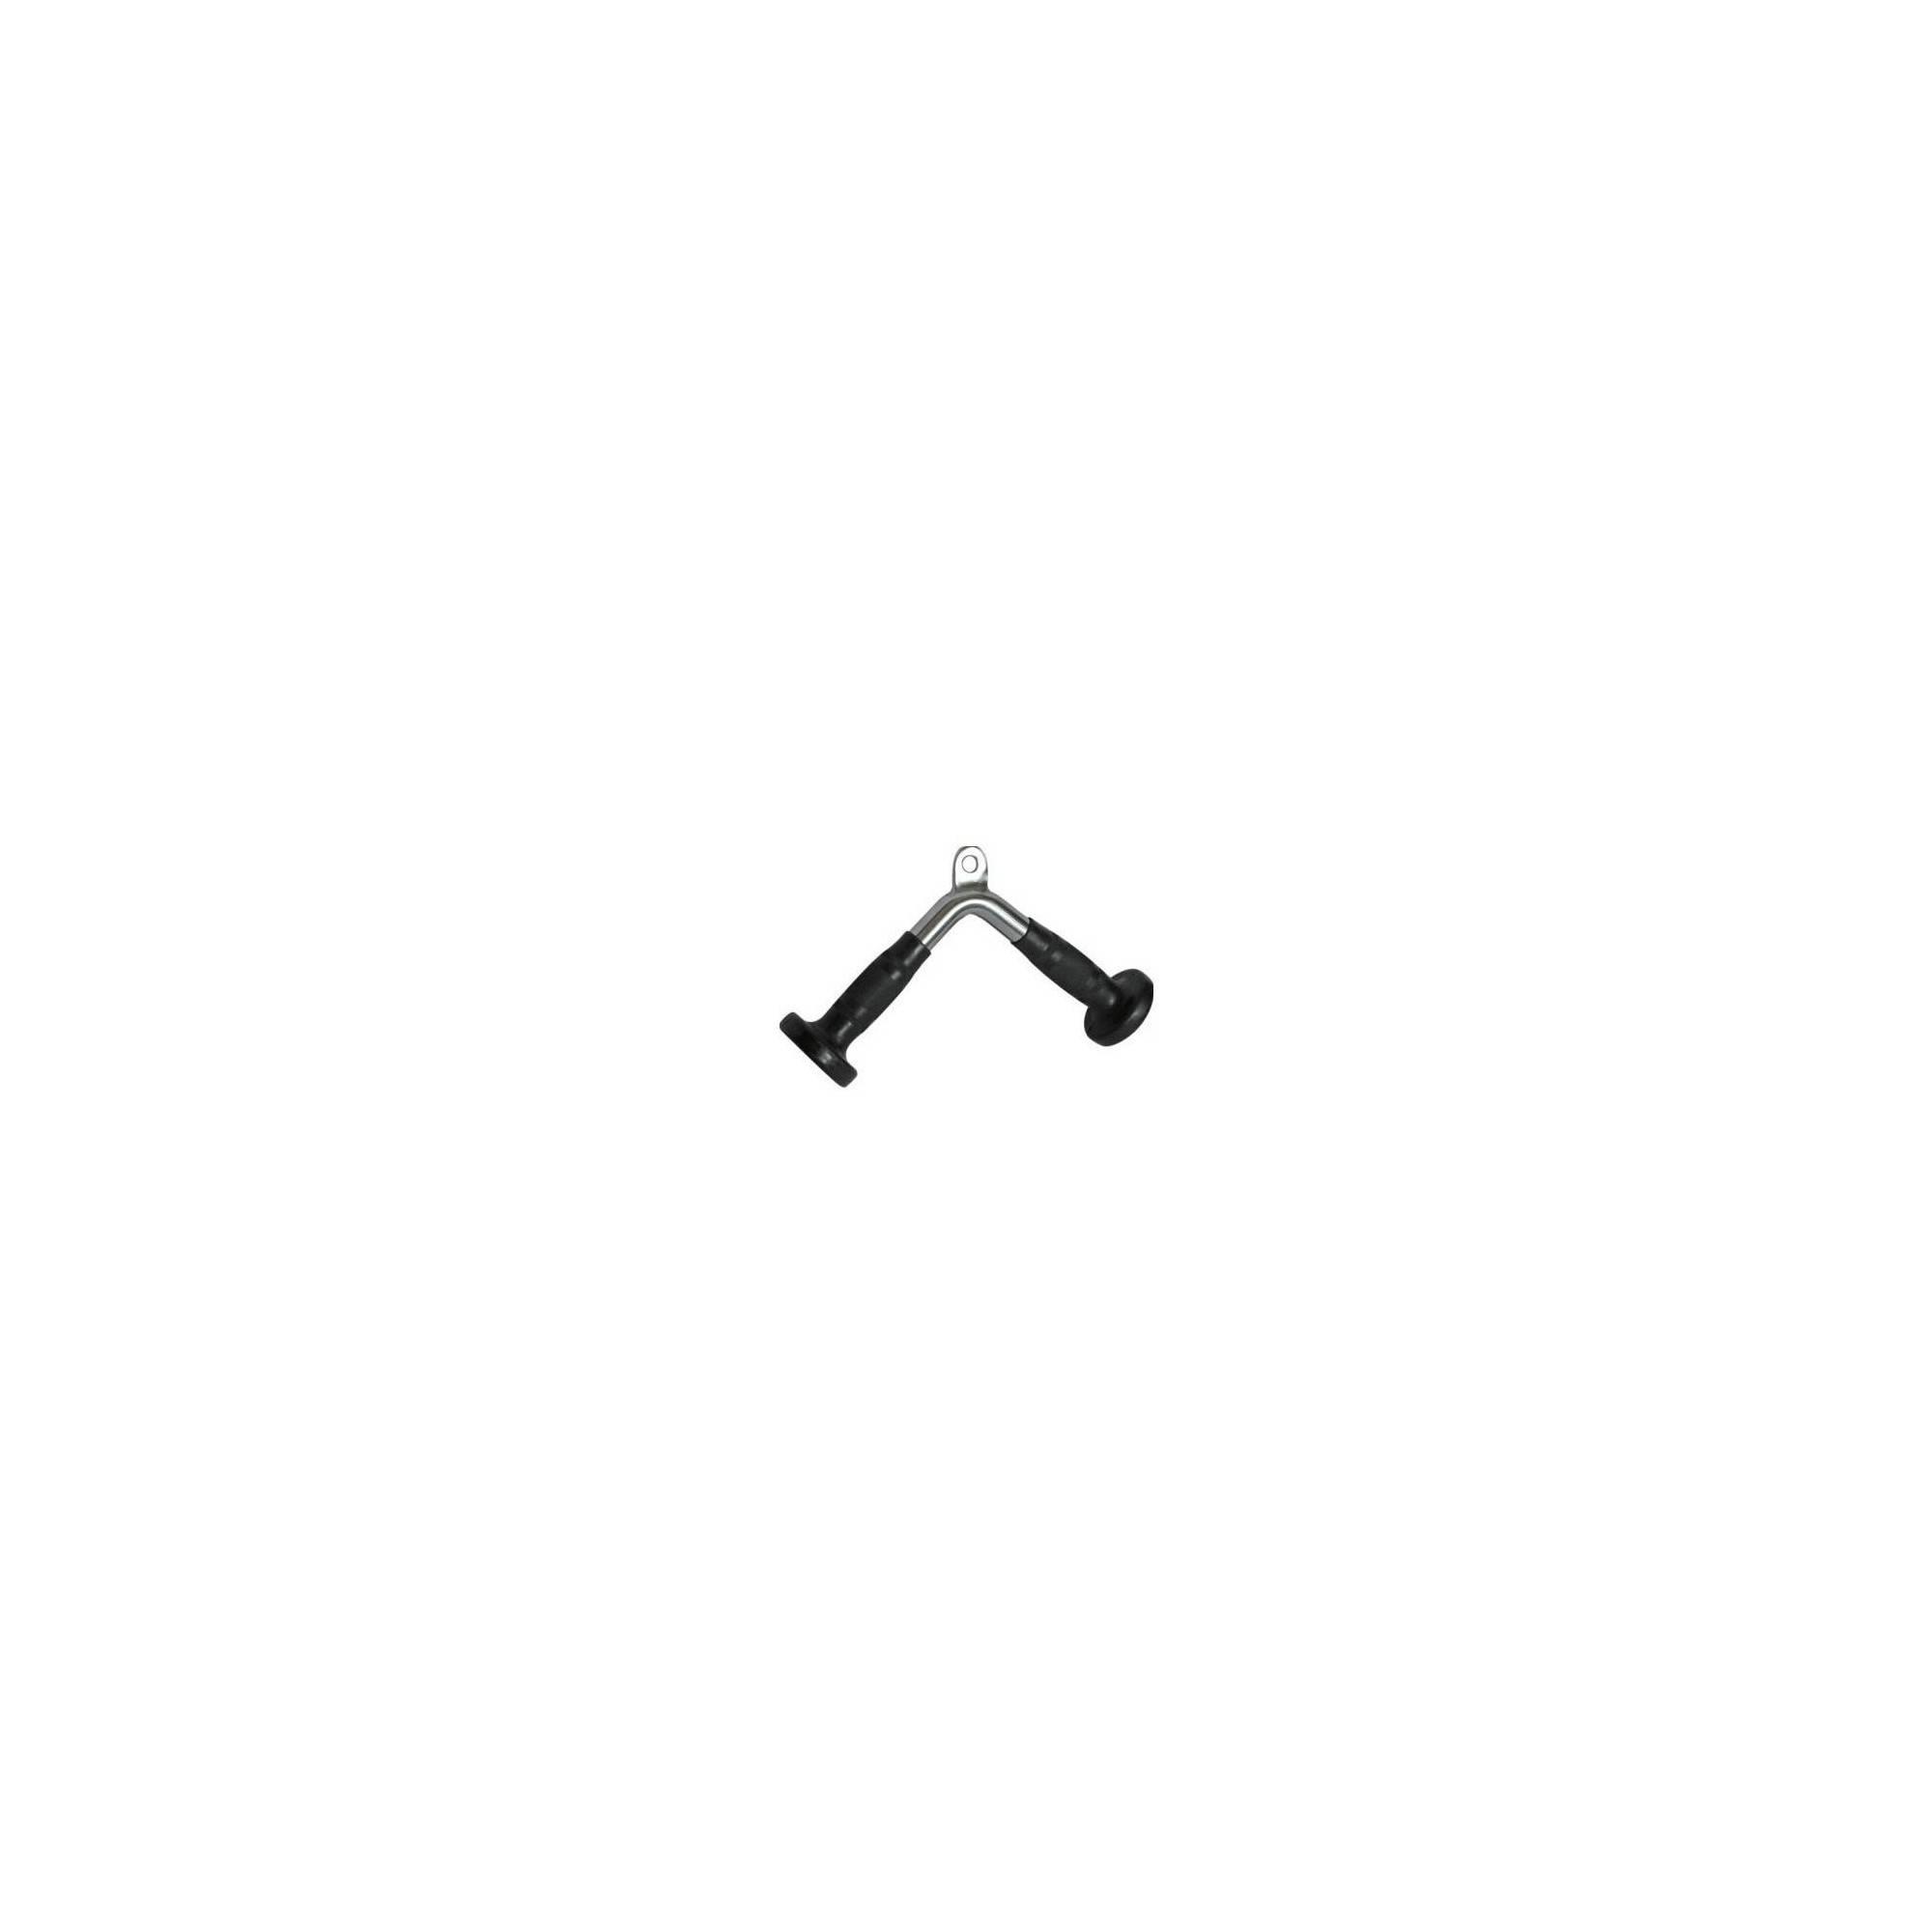 Gryf zaczepowy trójką z gumą SPARTAN SPORT przystawka do wyciągu,producent: SPARTAN SPORT, photo: 1